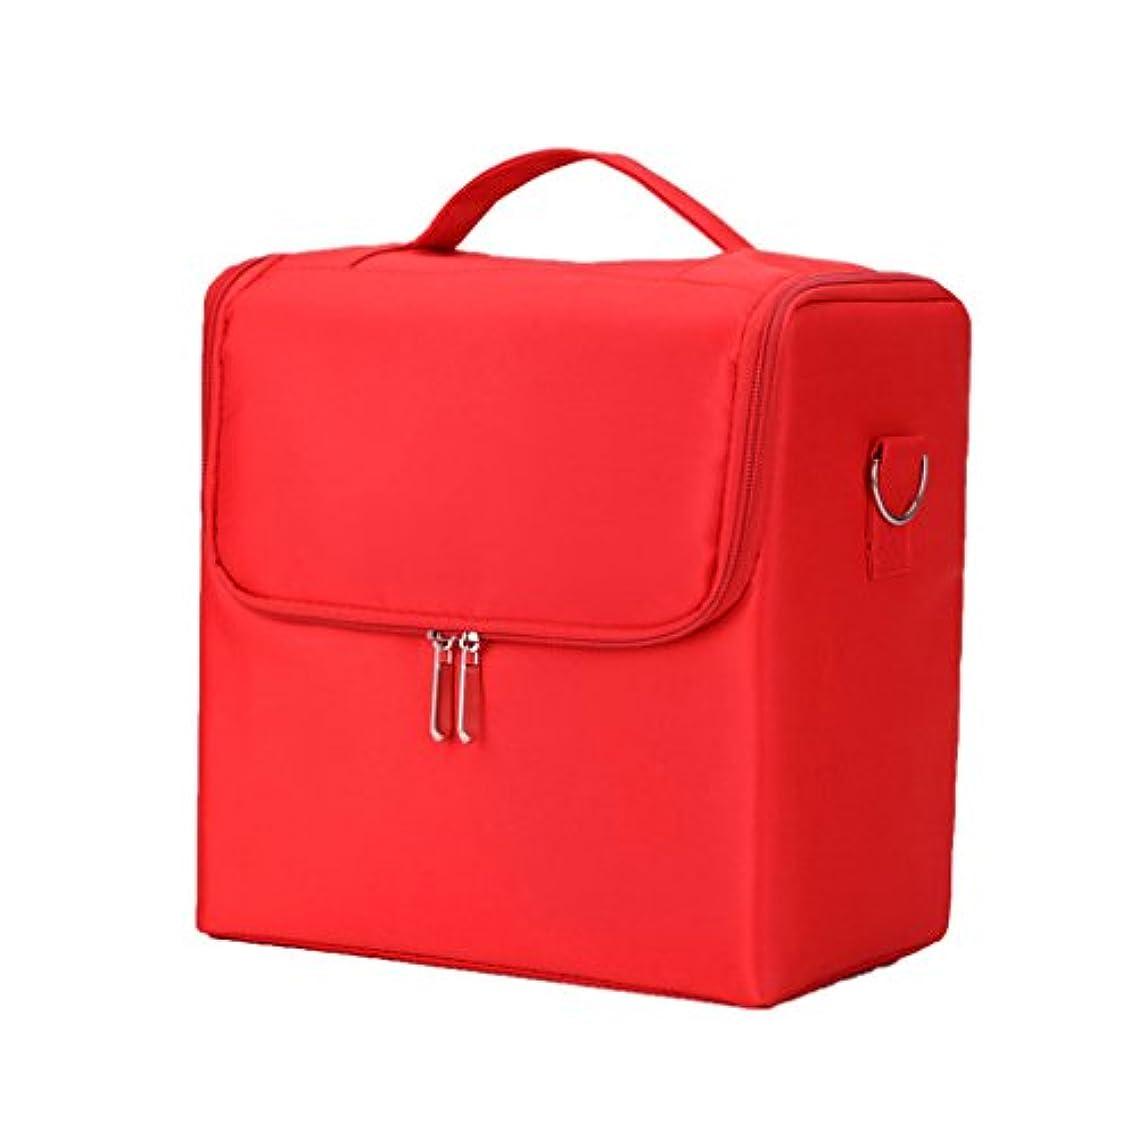 将来の無駄に親密なポータブルファブリックメークアップケースプロフェッショナル化粧ケース多機能ブラシネイルメイクアップアーティストストレージバッグ